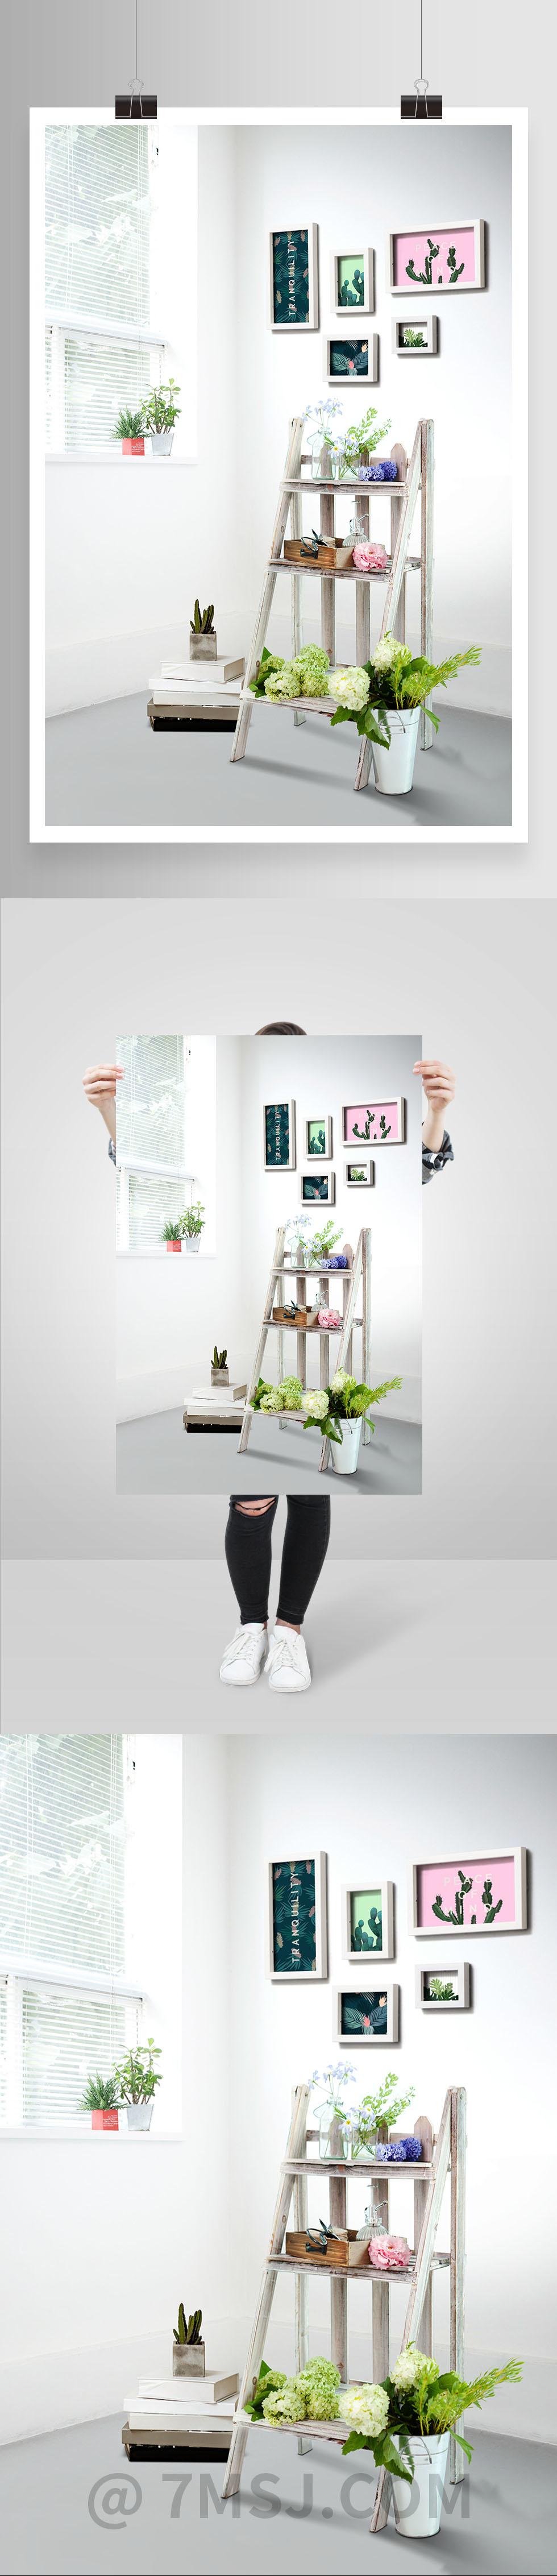 简约时尚家居装饰海报设计素材 #Fashion Home Decoration